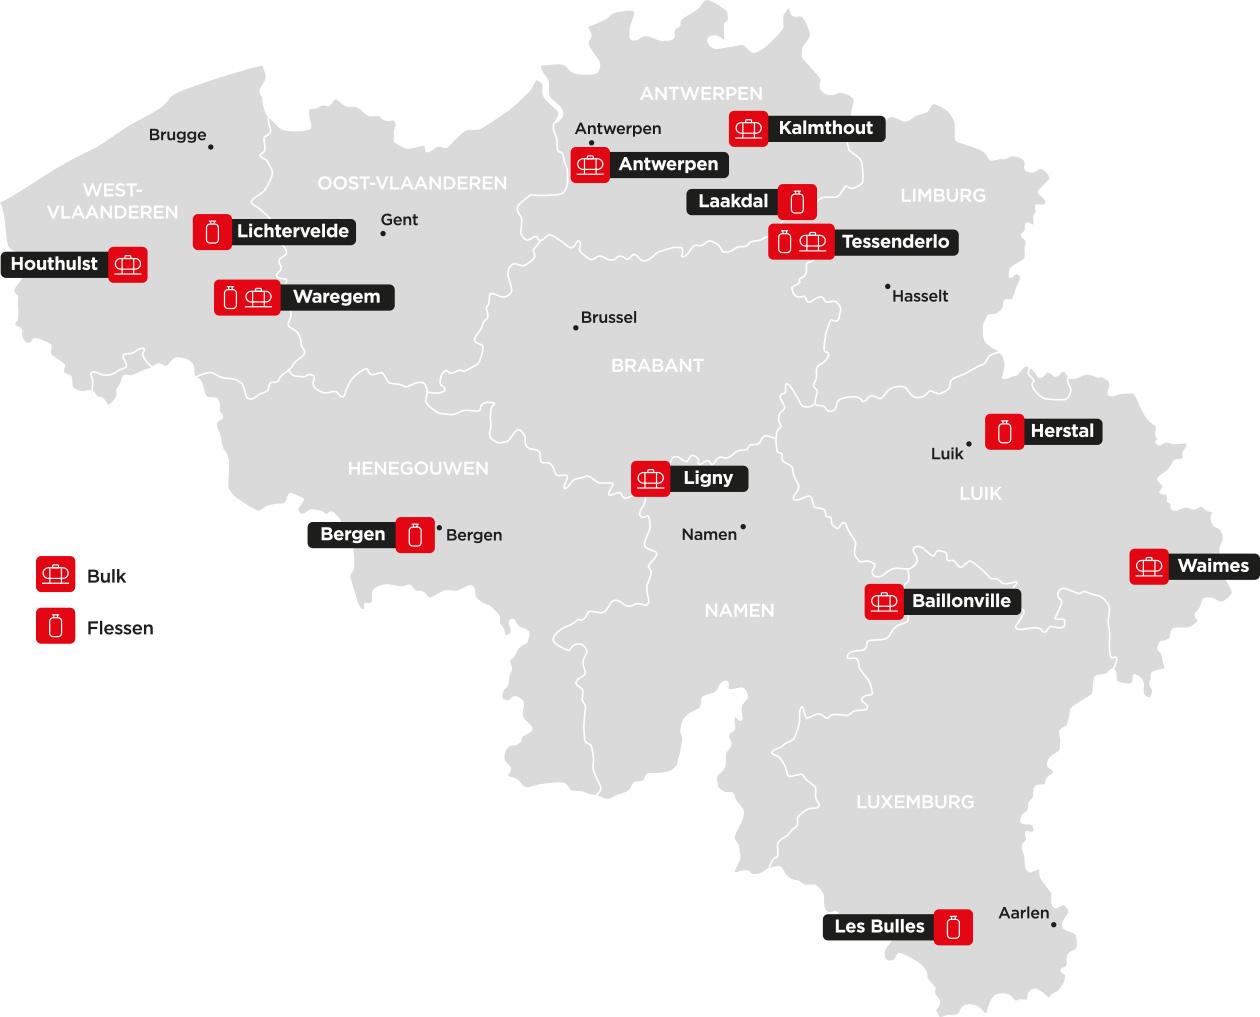 Kaart van België